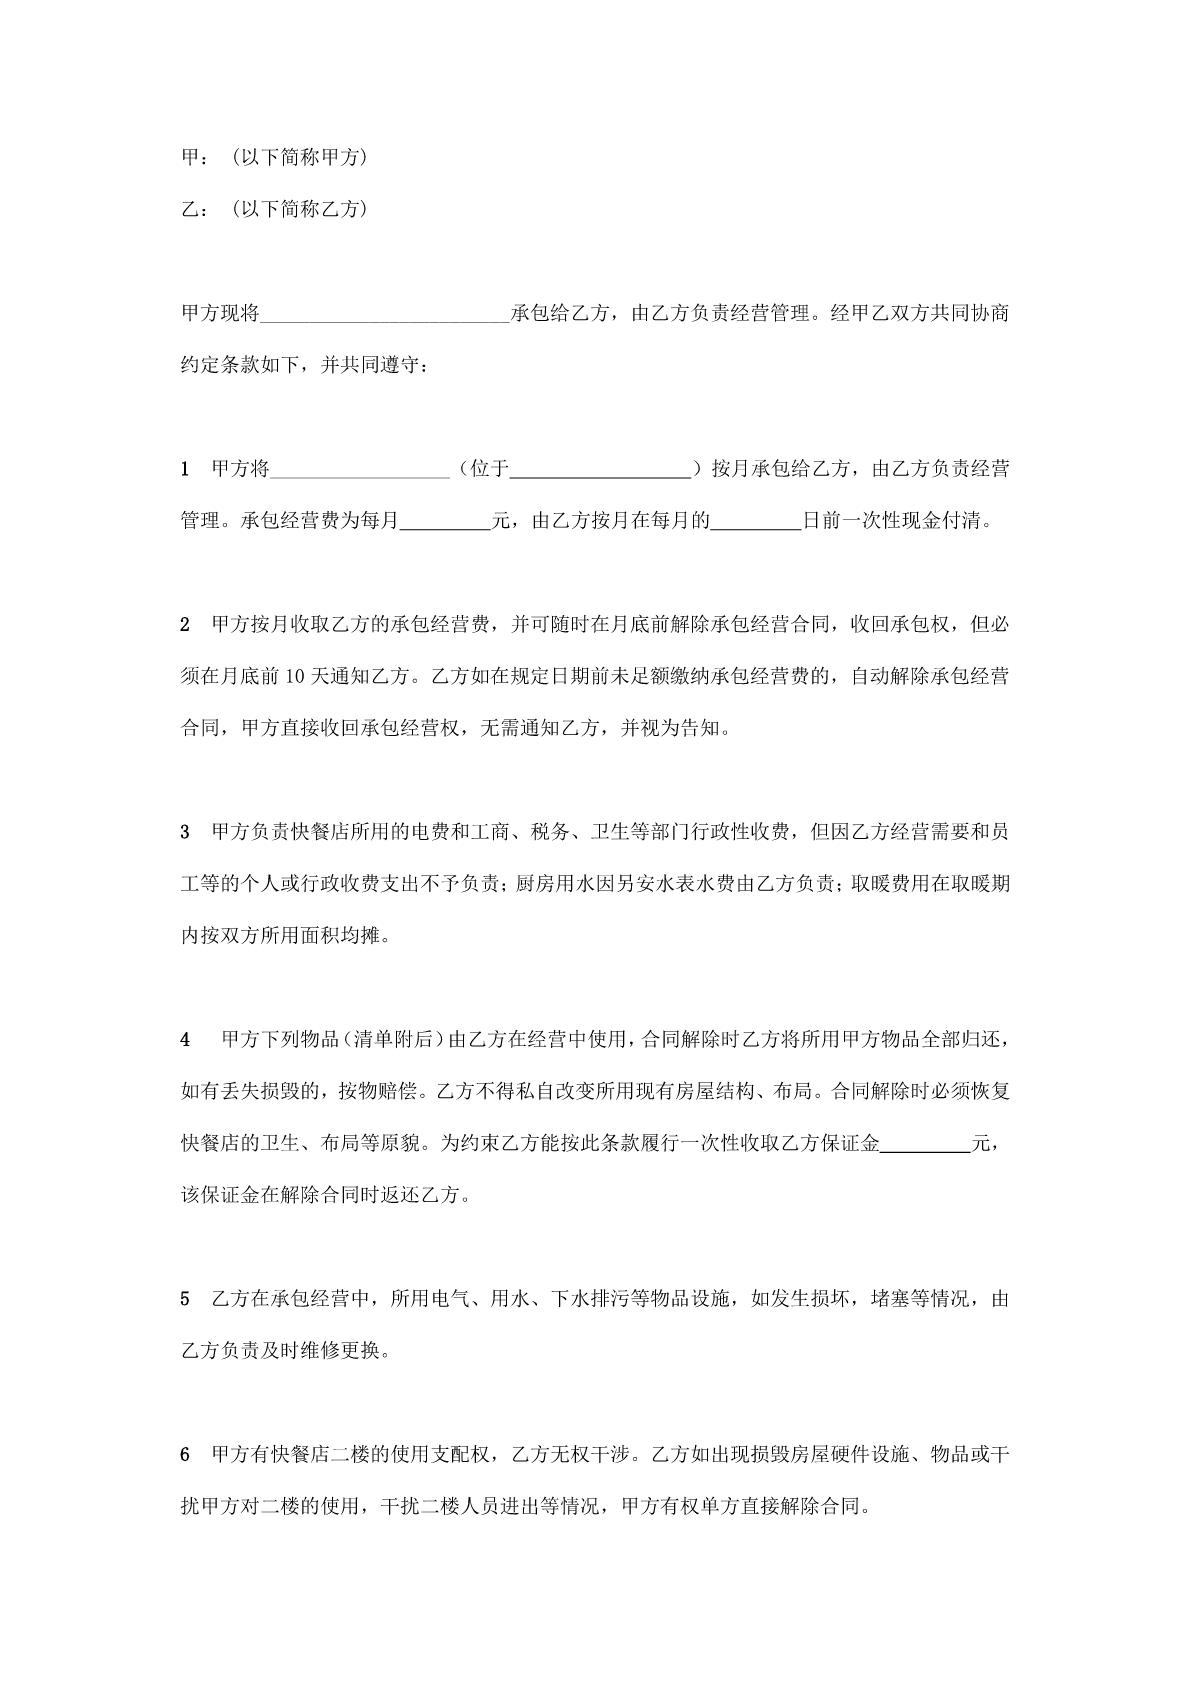 饭店承包经营合同协议书范本标准版